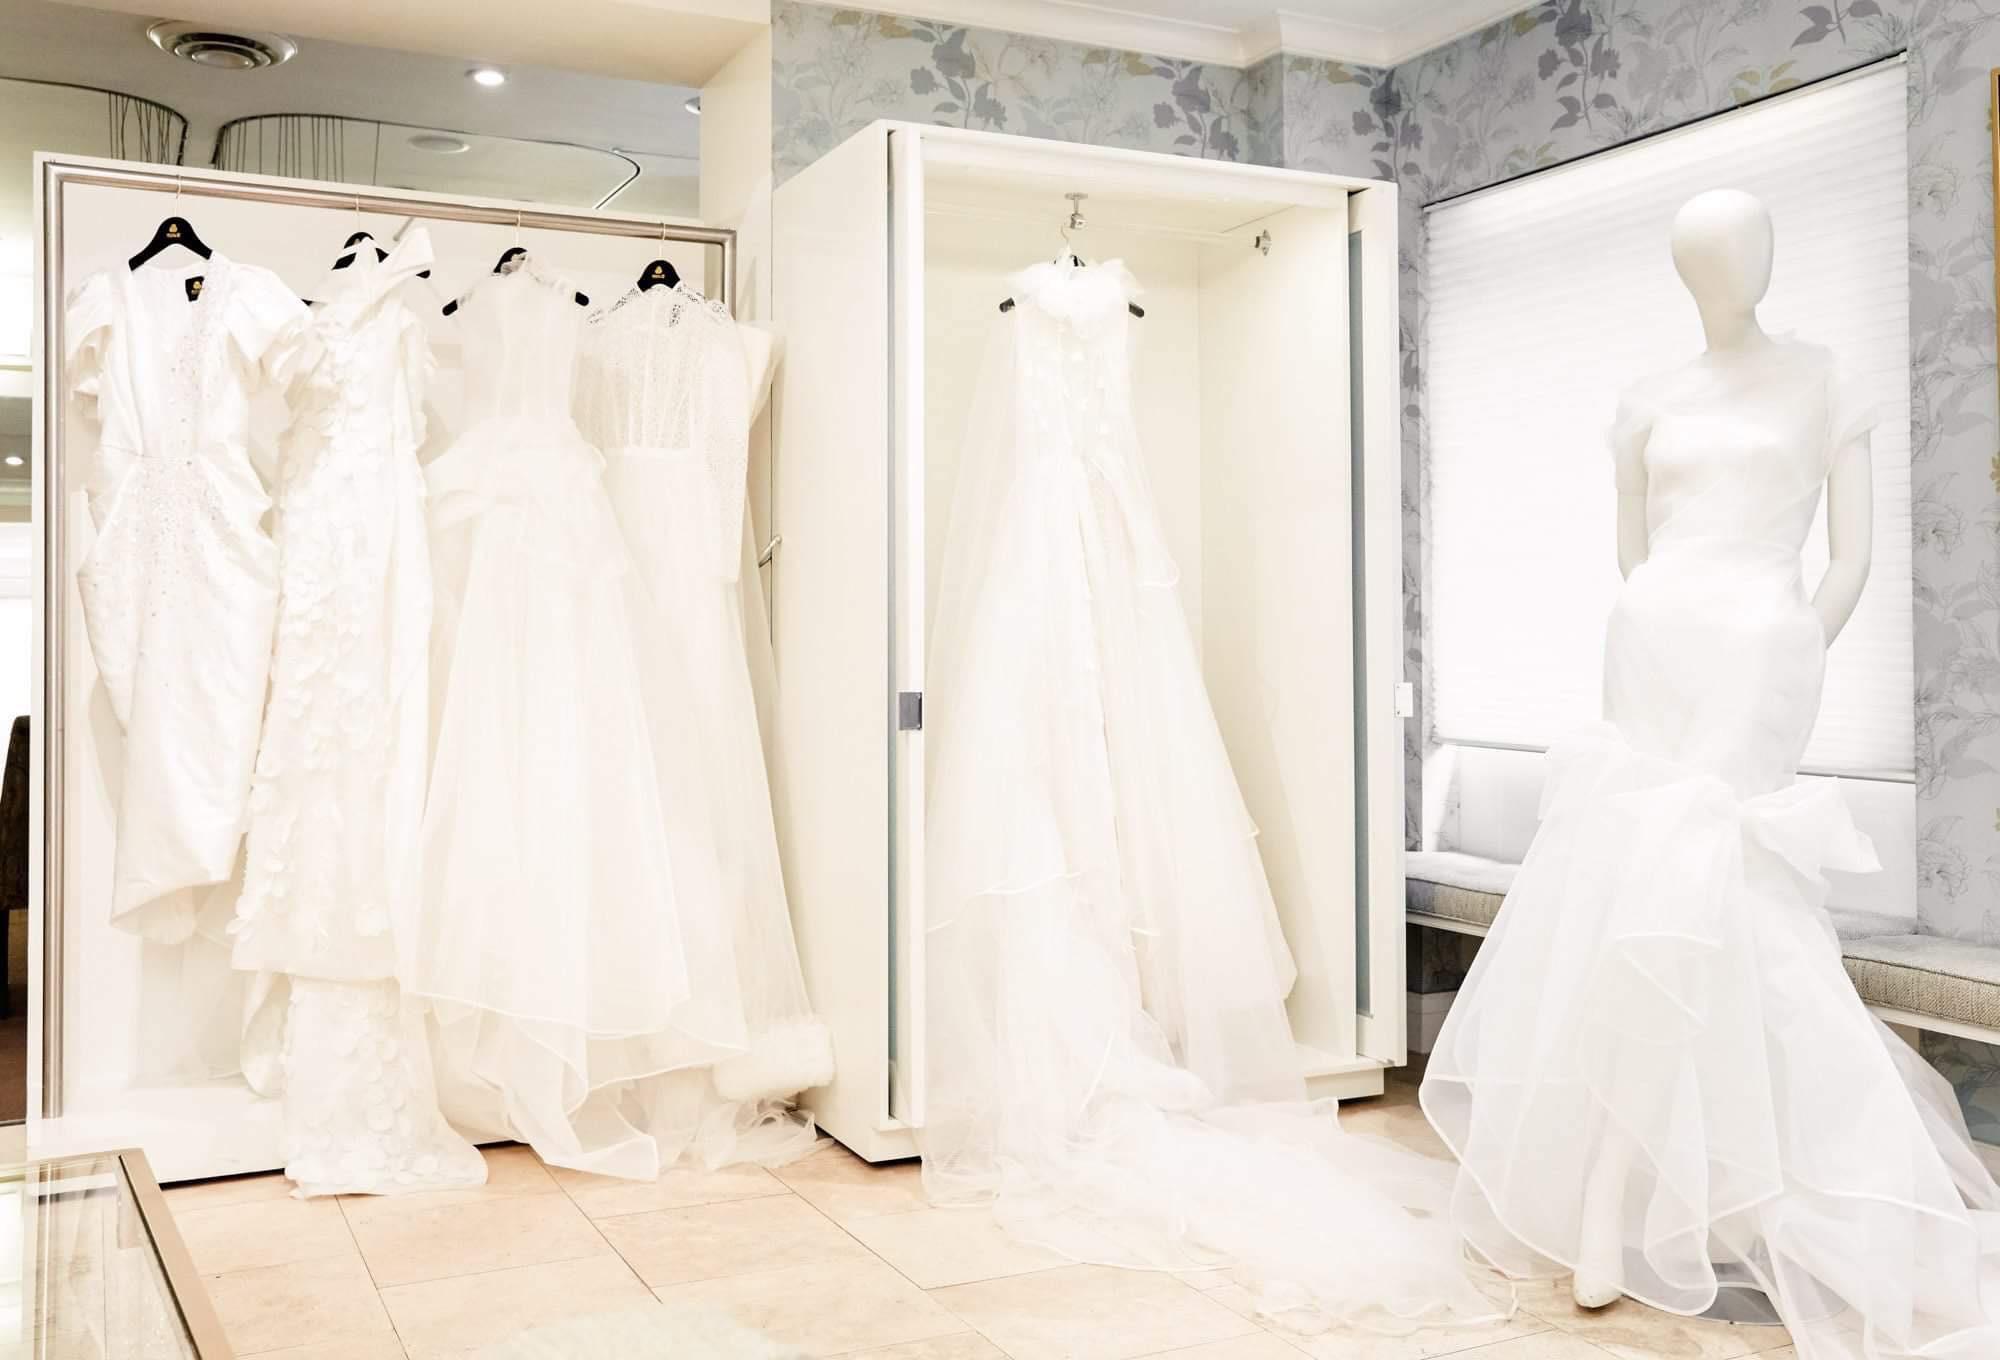 Ngắm váy cưới của nhà thiết kế Việt tại tiệm đồ cưới nổi tiếng nhất New York - Ảnh 1.